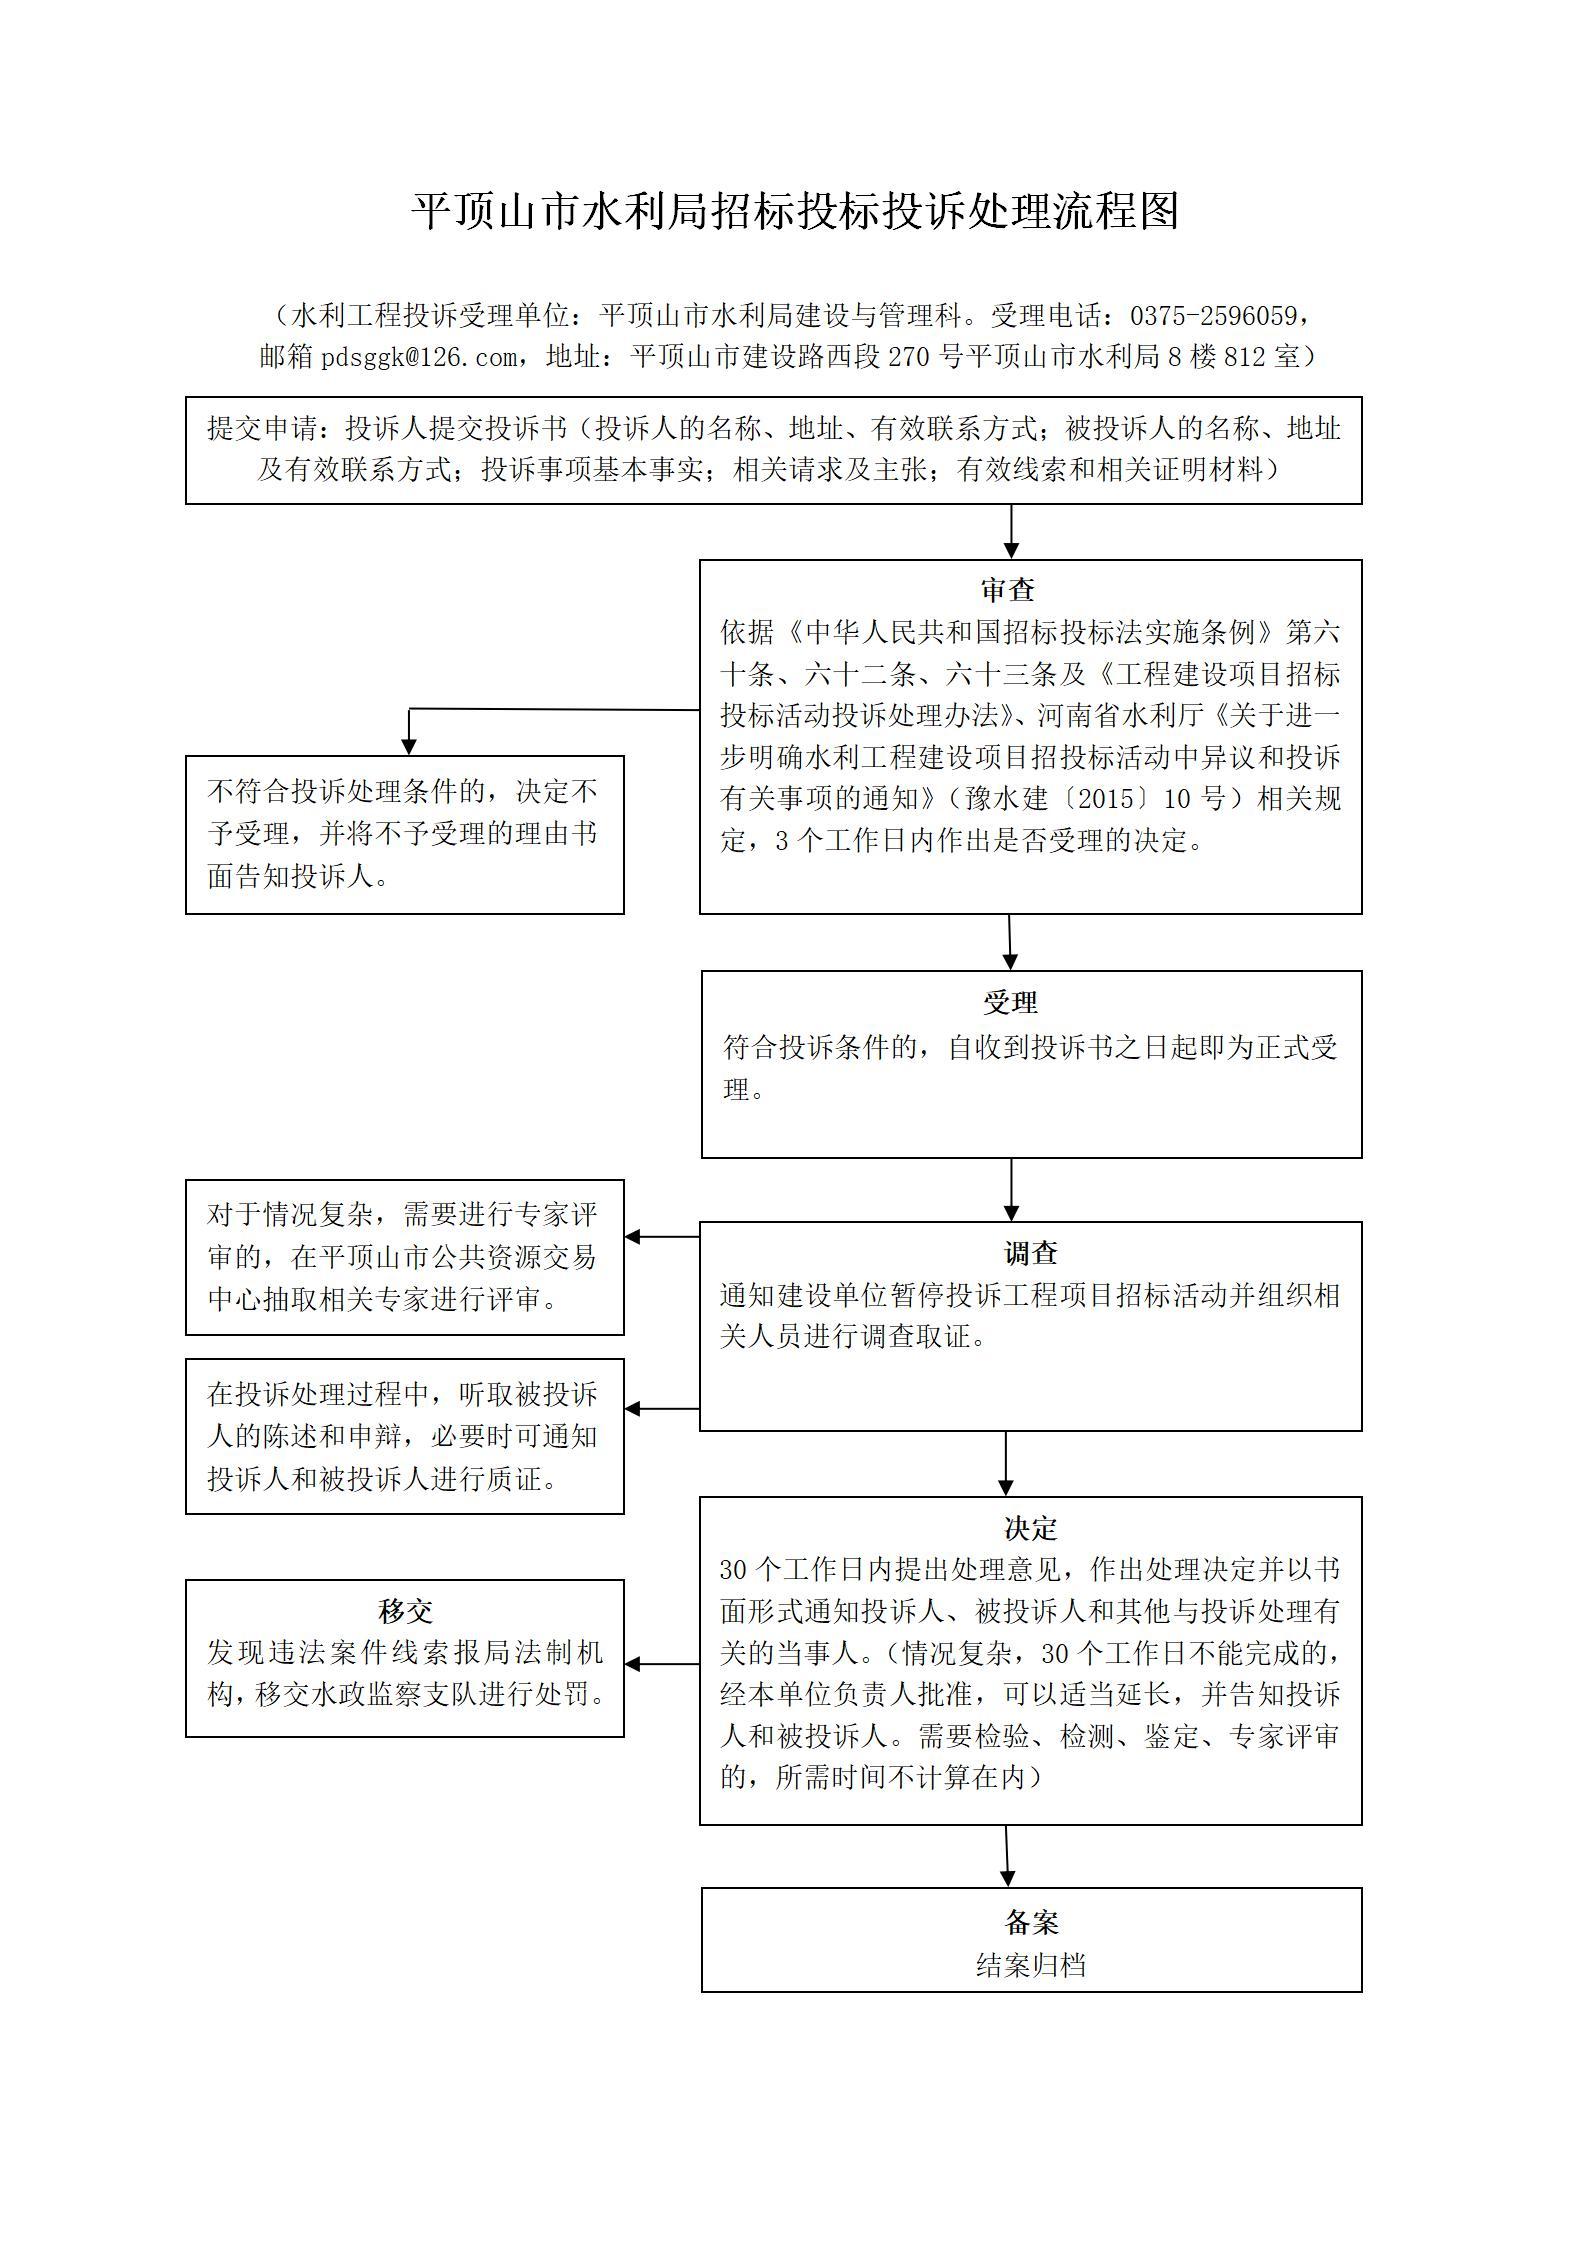 平顶山市水利局招标投标投诉处理流程图_01.jpg